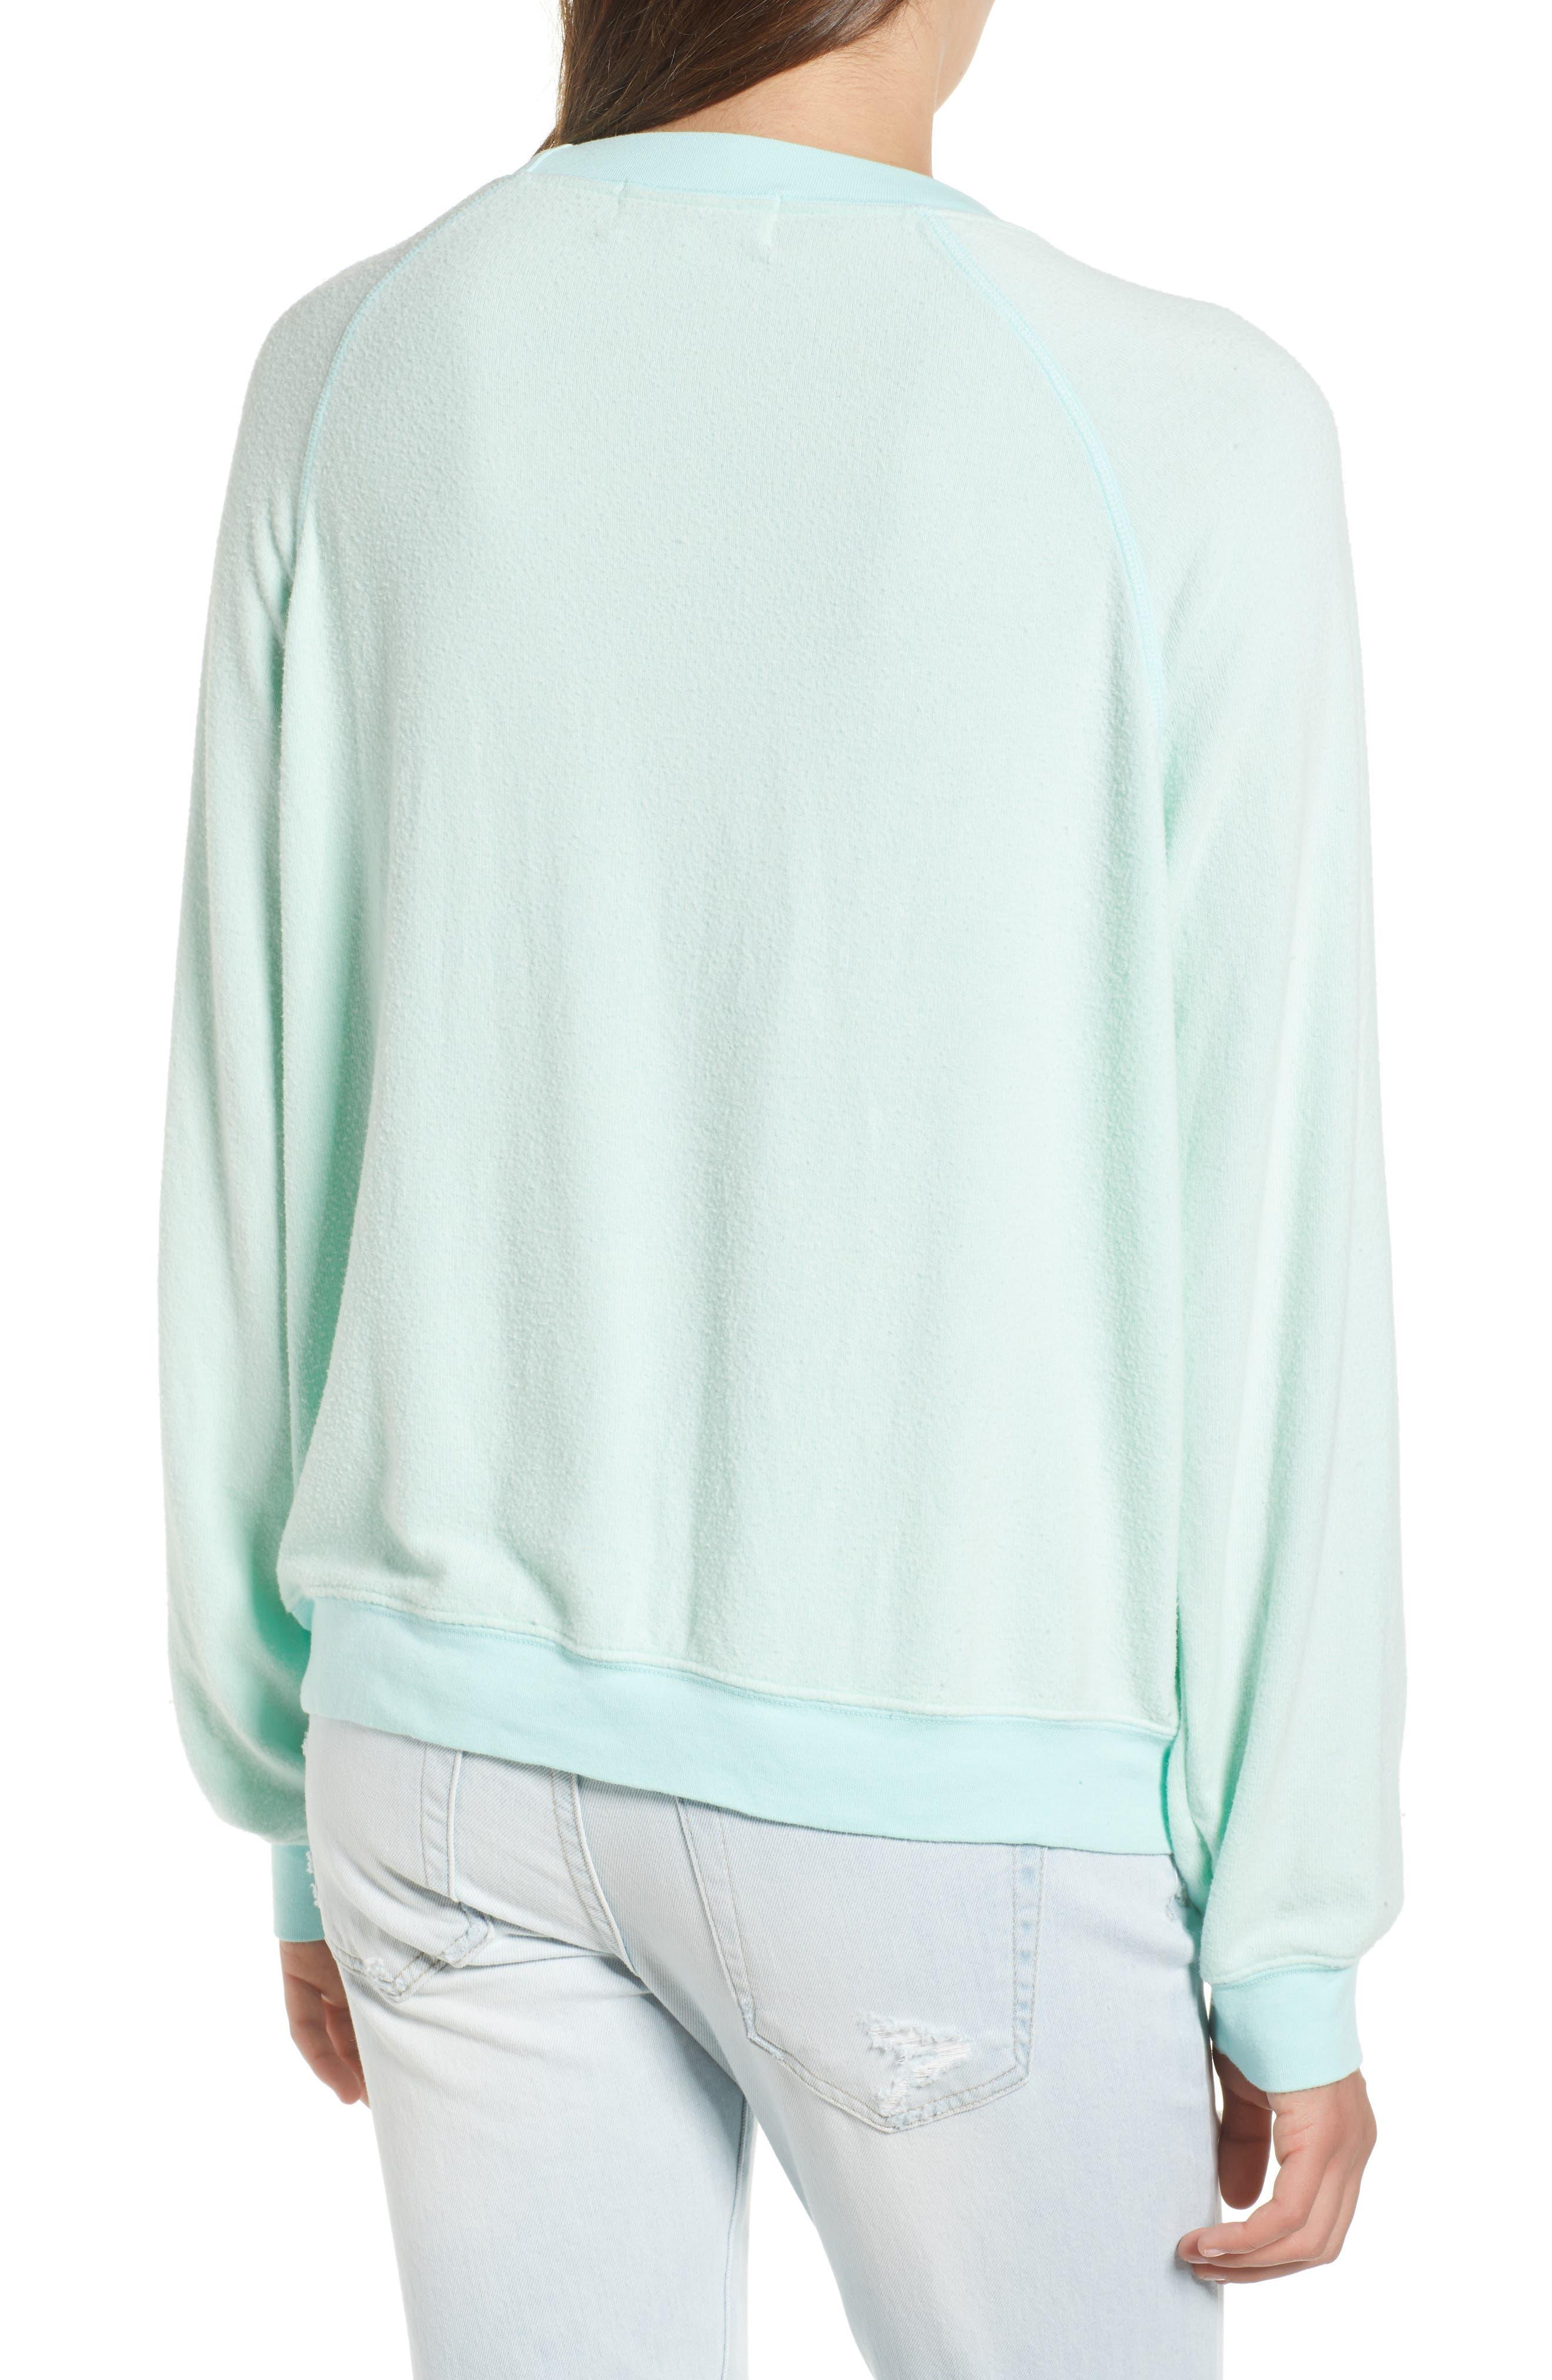 Be Happy Sweatshirt,                             Alternate thumbnail 2, color,                             Aqua Diver